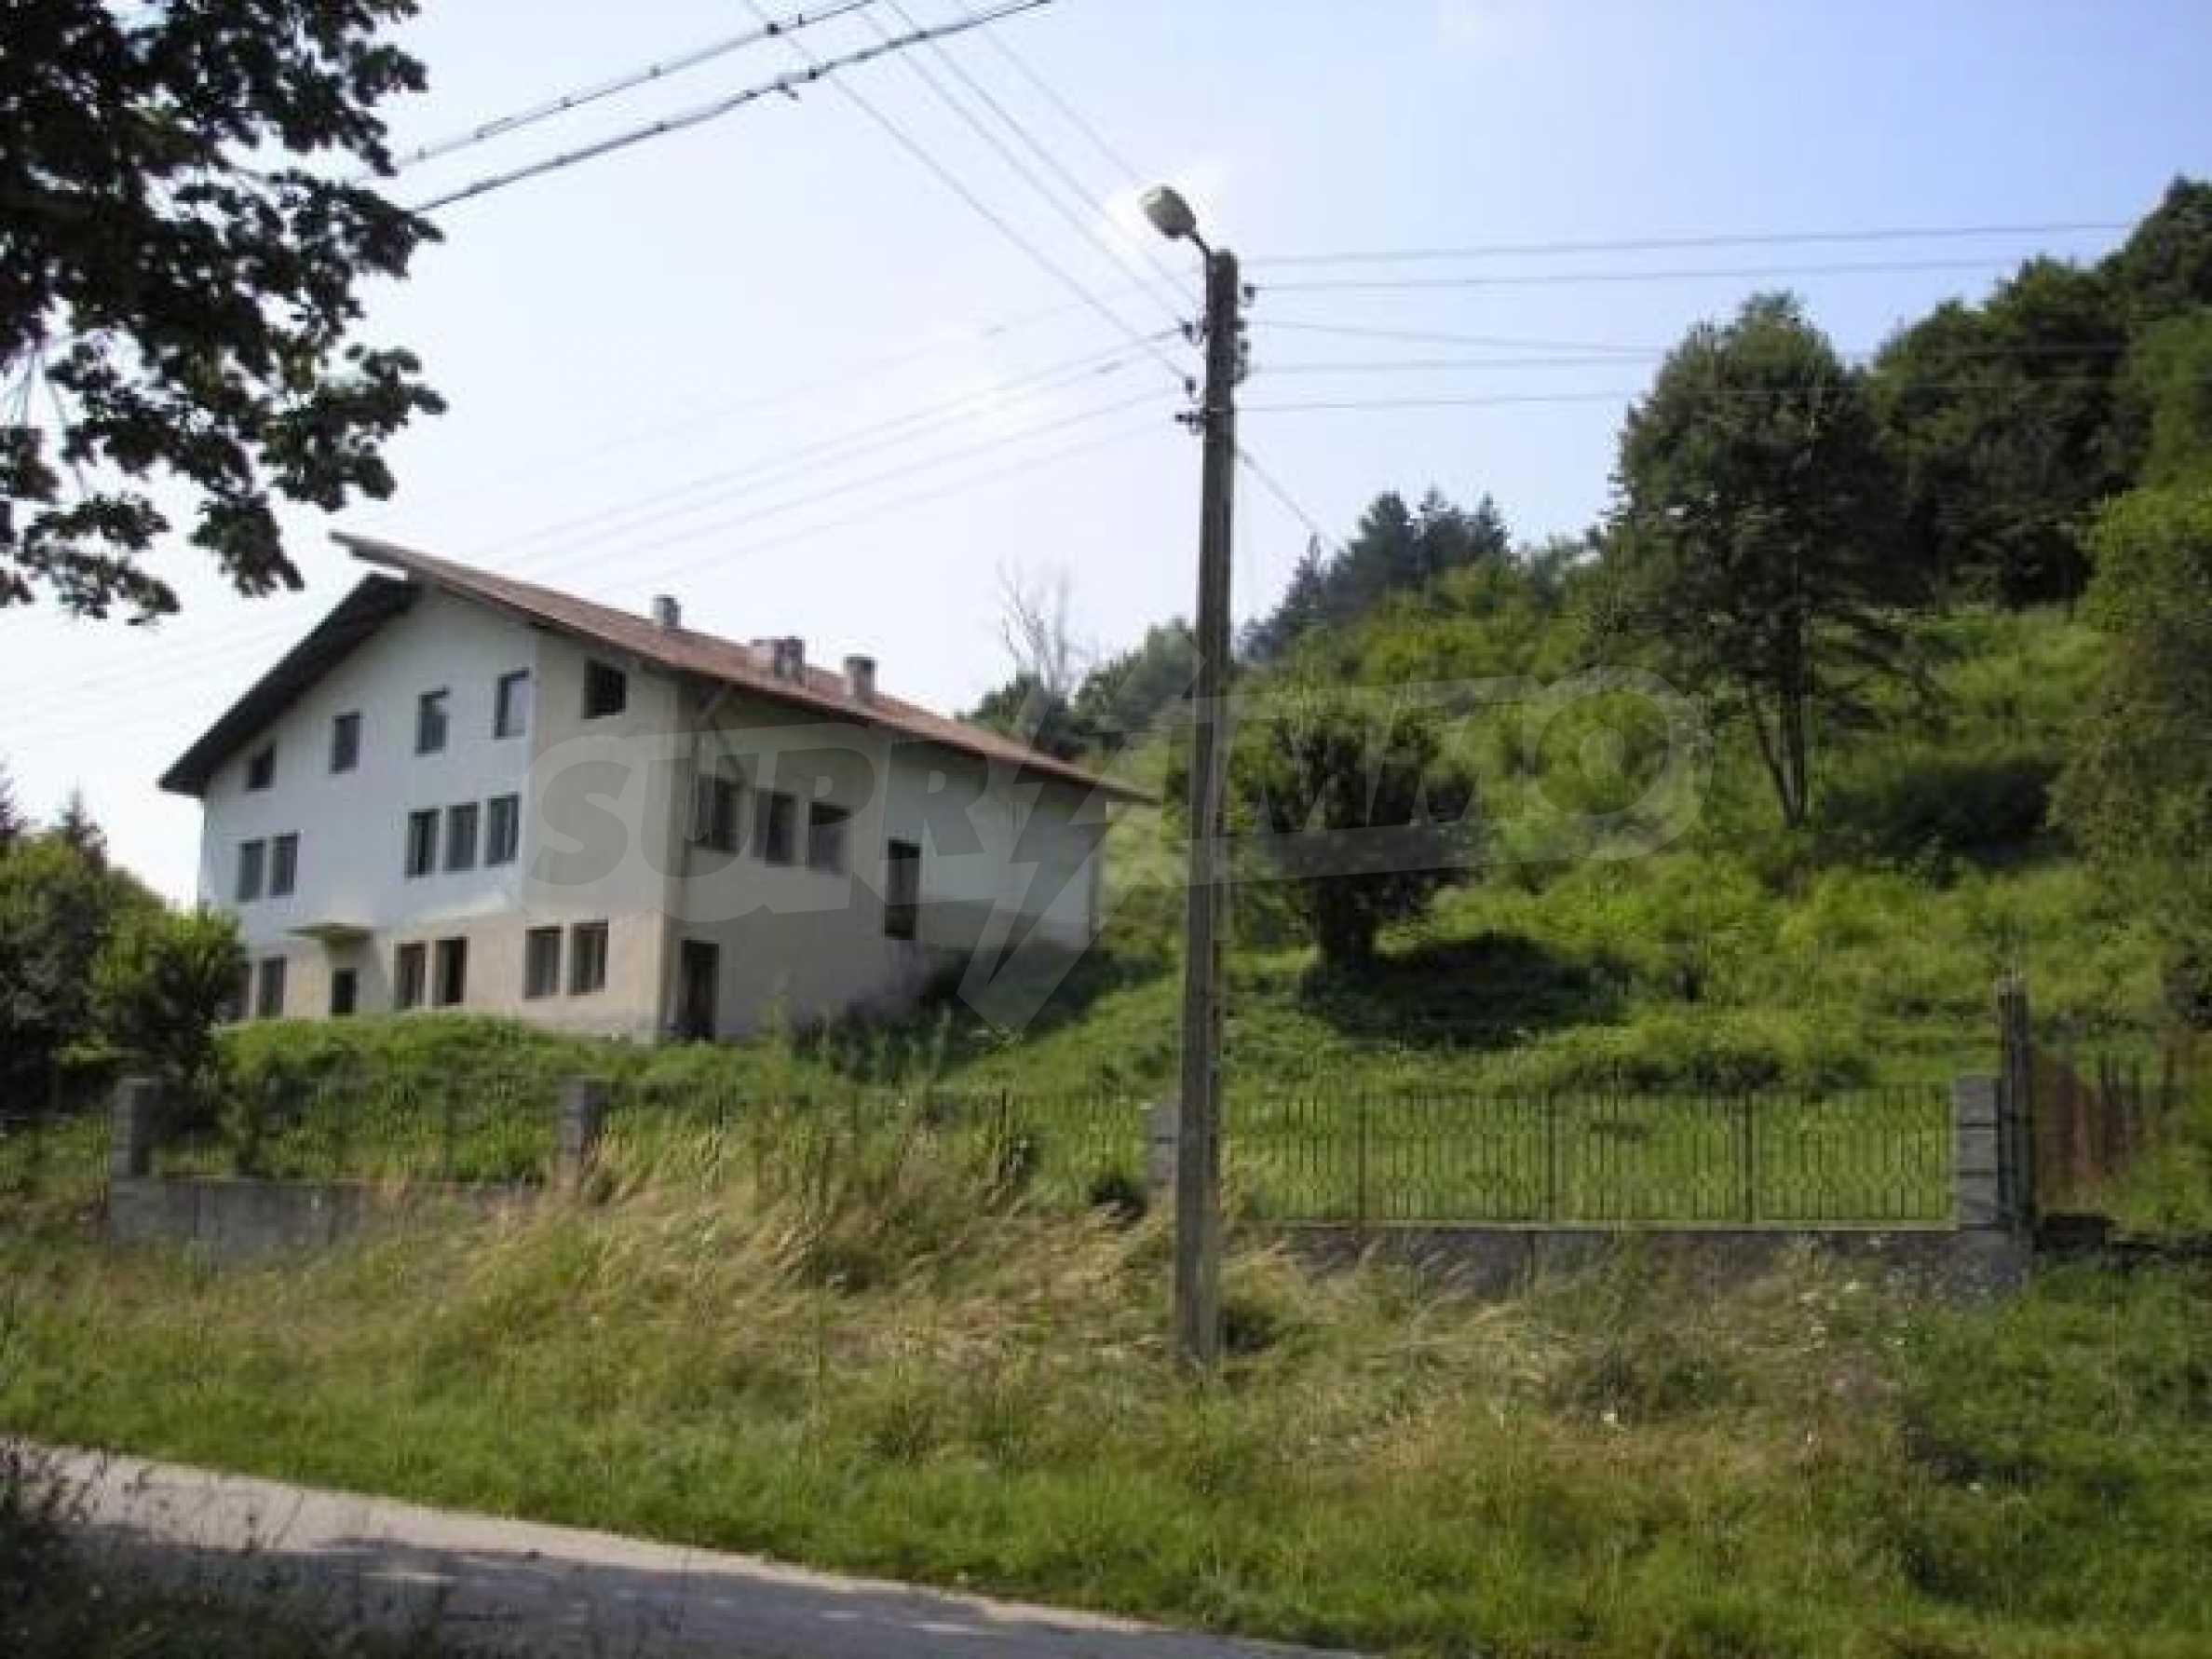 Neugebautes Haus mit Geschäftspotential, nur 6 km von Trjawna entfernt 3